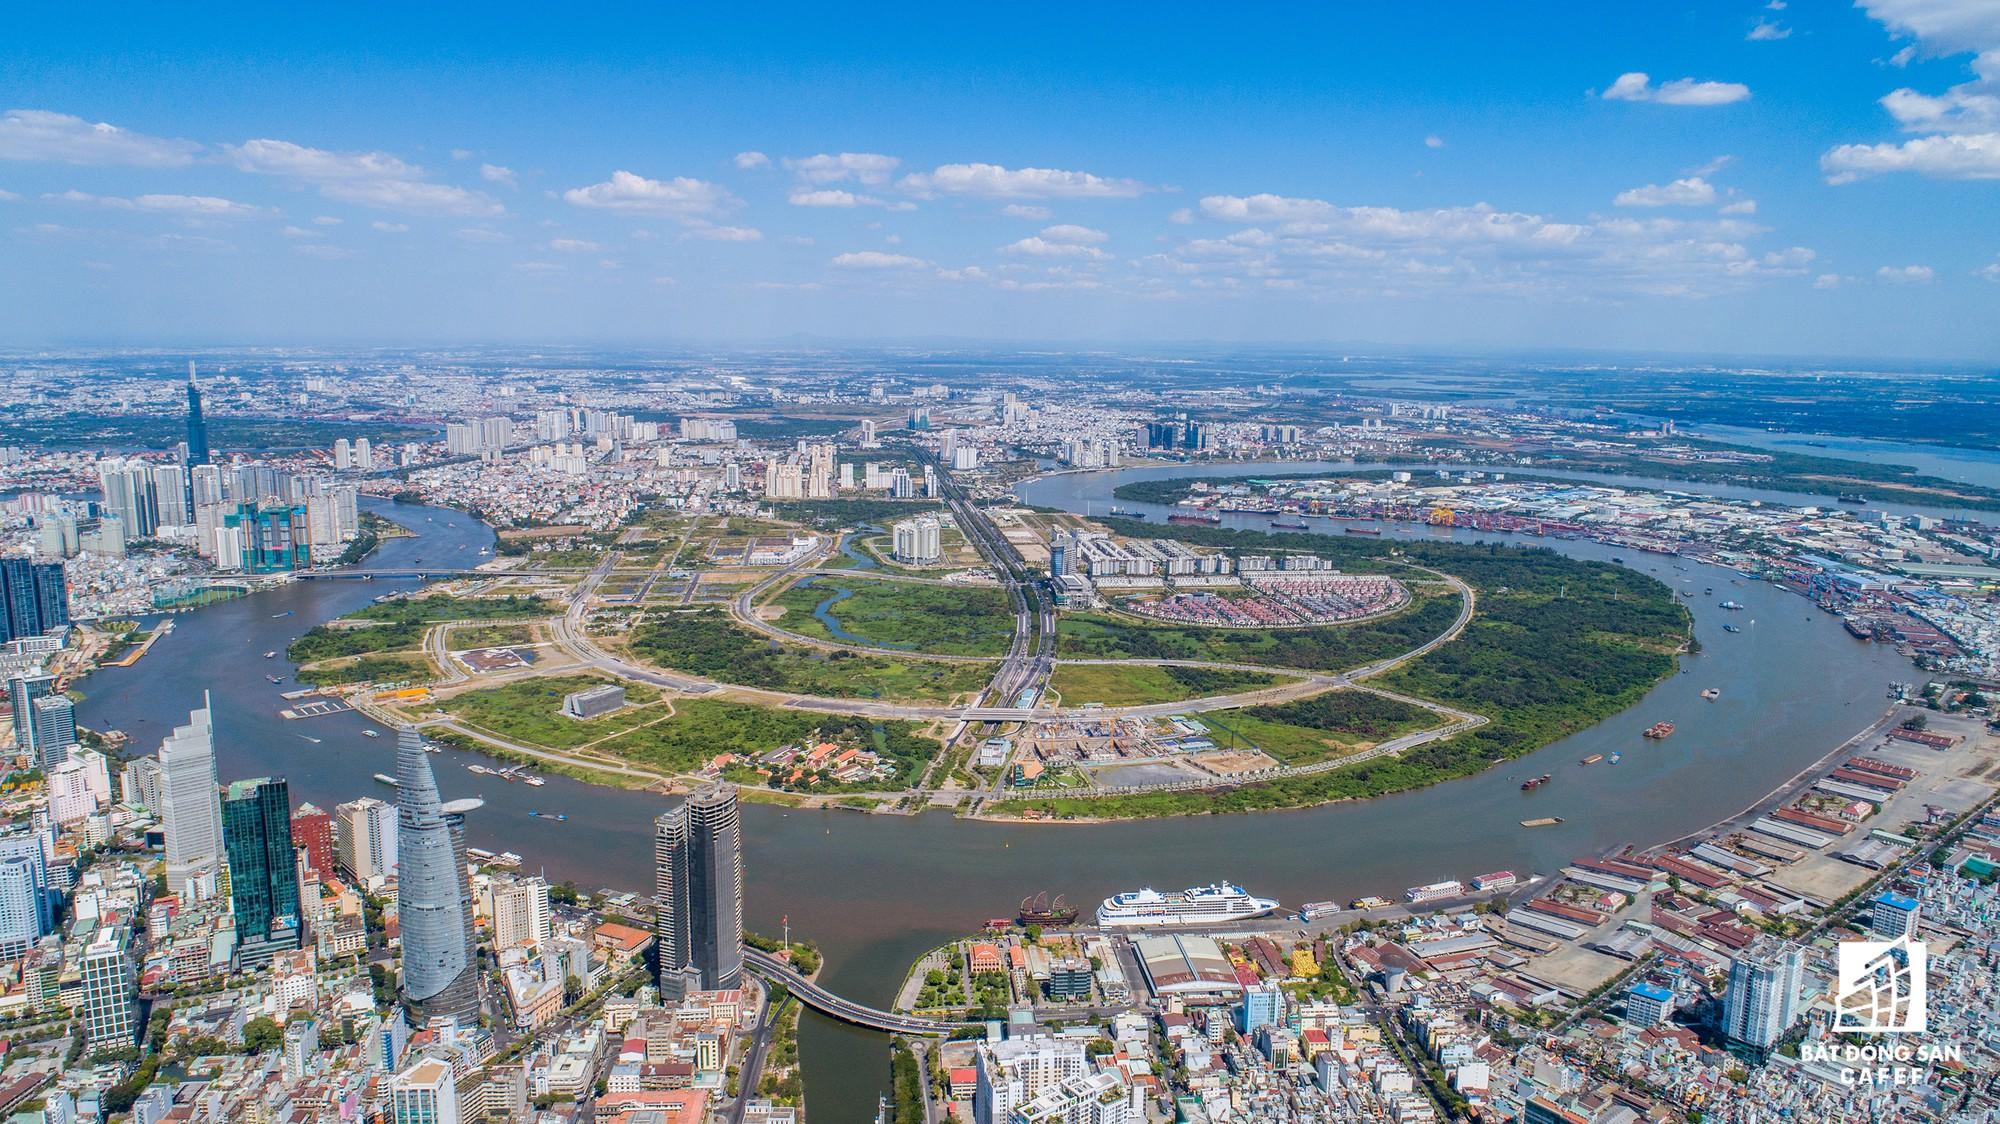 Diện mạo hai bờ sông Sài Gòn tương lai nhìn từ loạt siêu dự án tỷ đô, khu vực trung tâm giá nhà lên hơn 1 tỷ đồng/m2 - Ảnh 2.